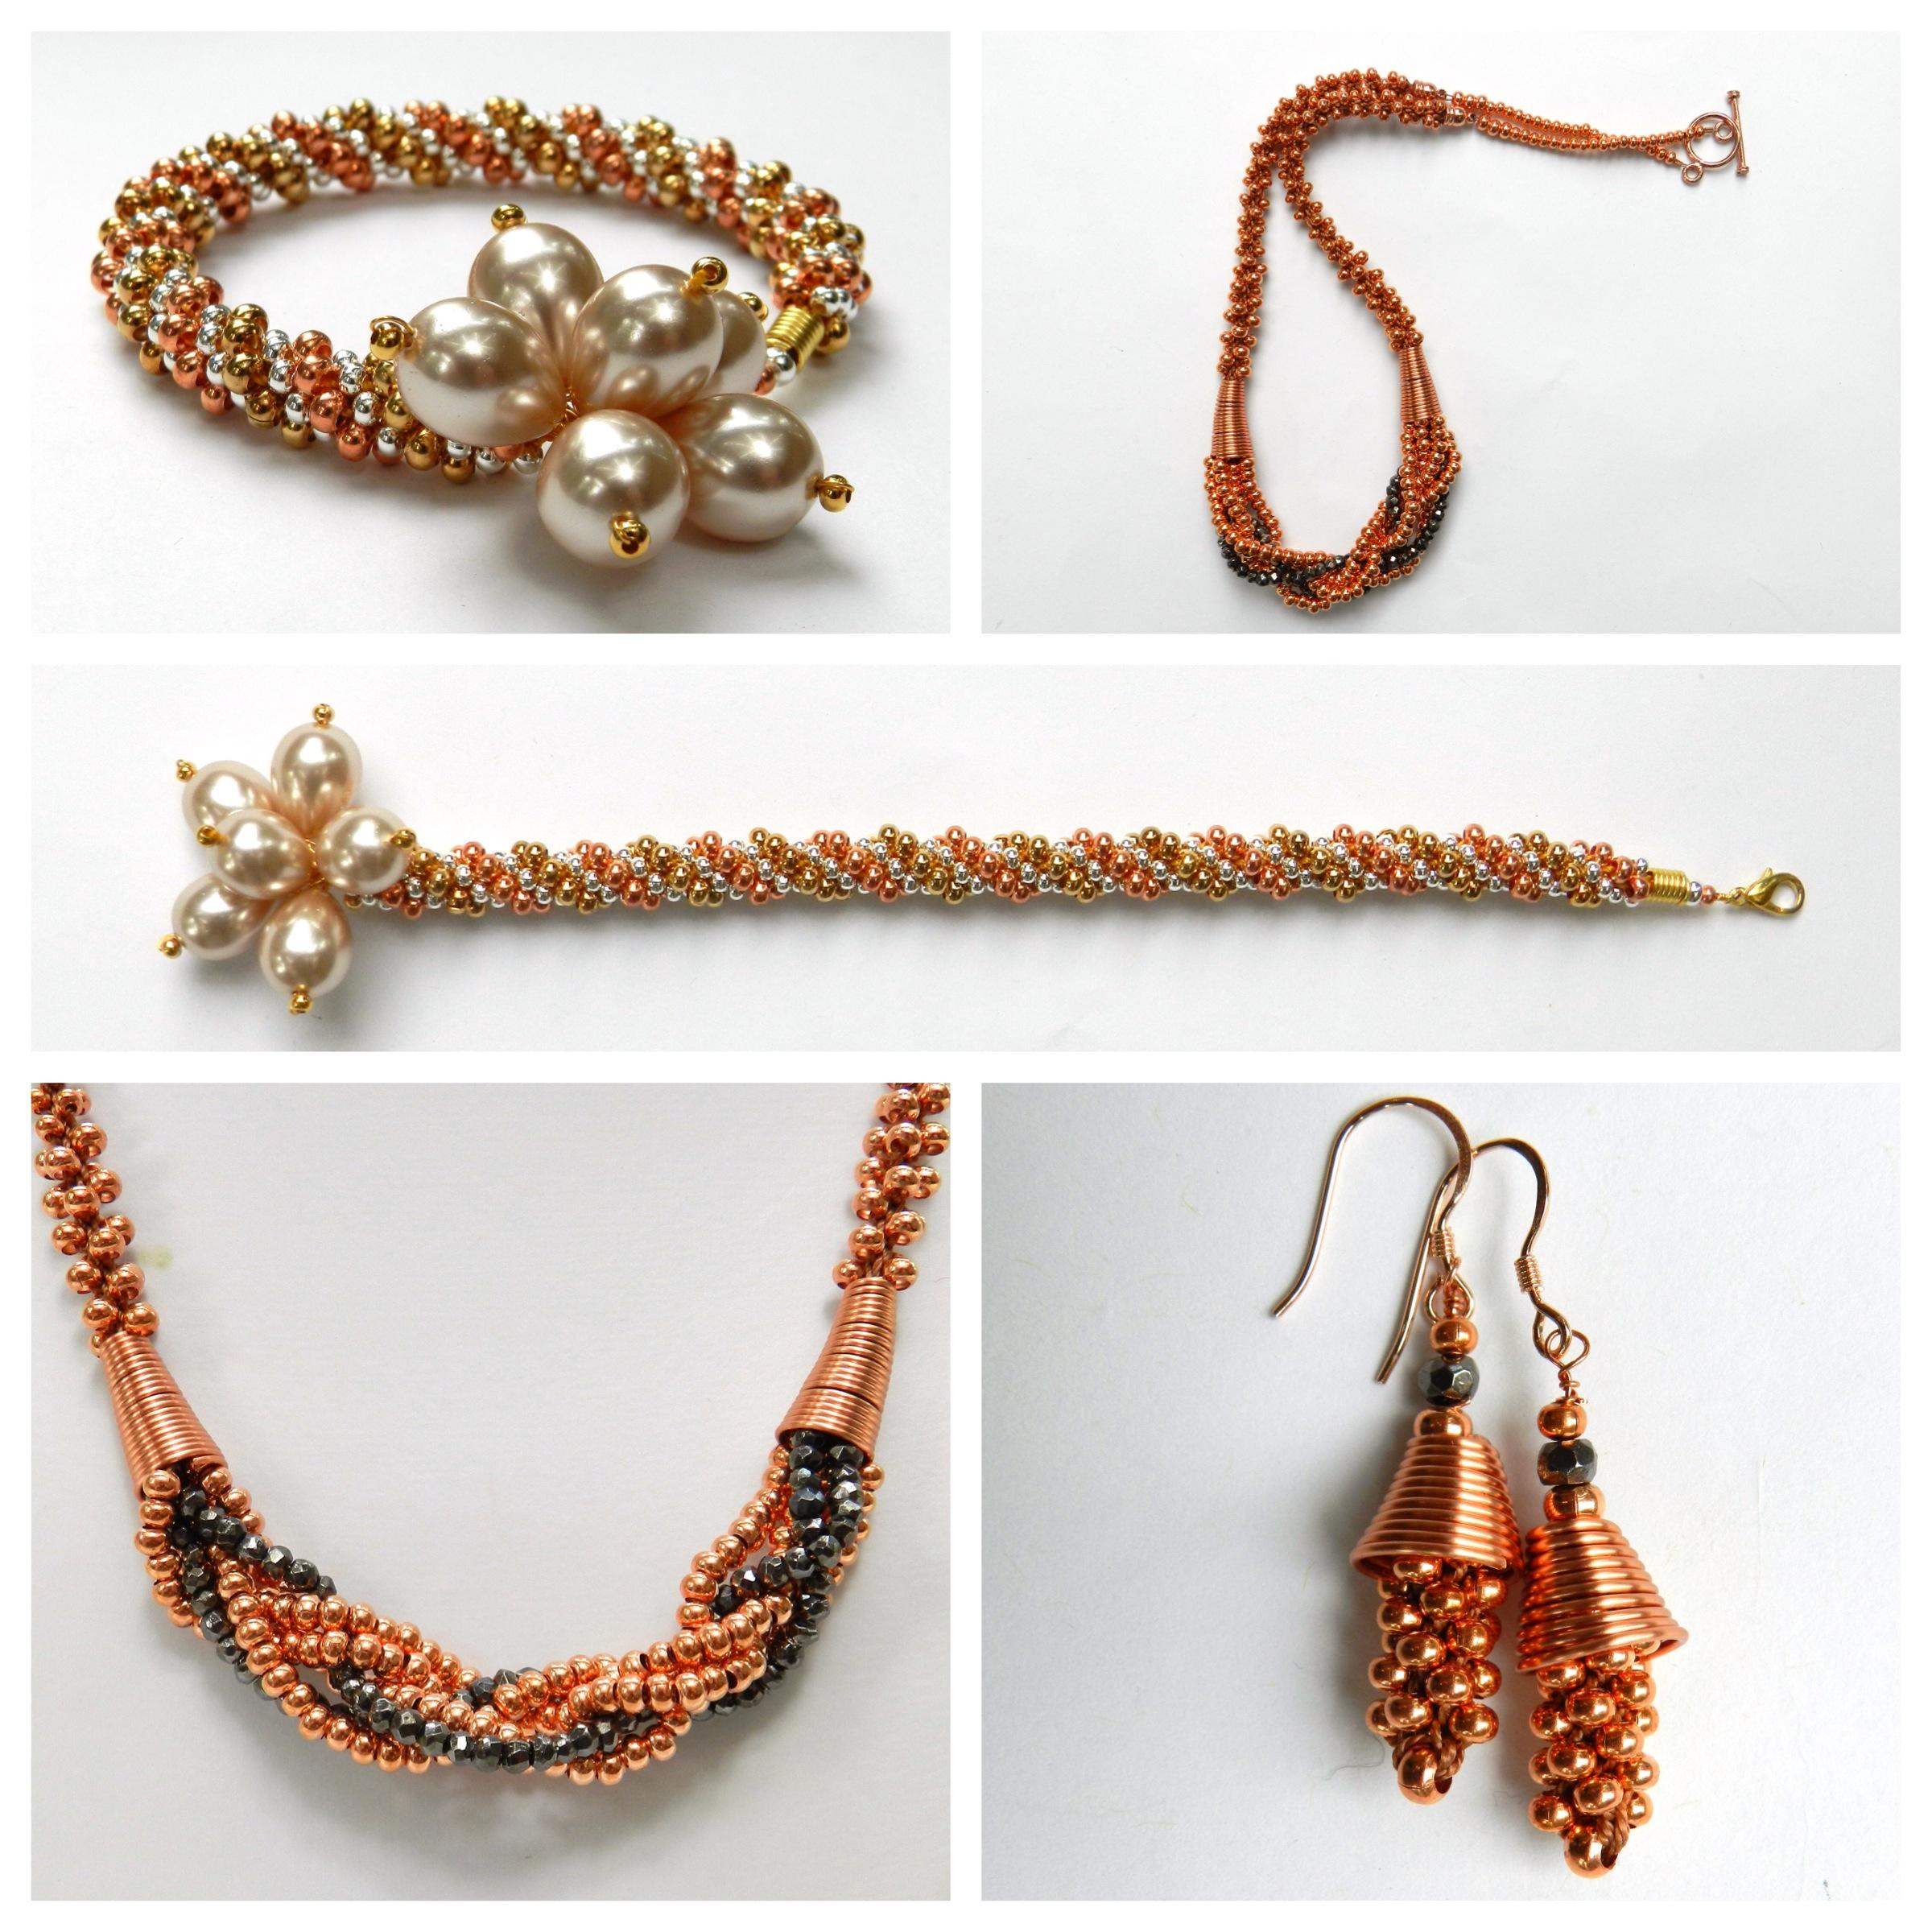 Designs Beads: Metal Seed Bead Kumihimo Designs By Pru McRae